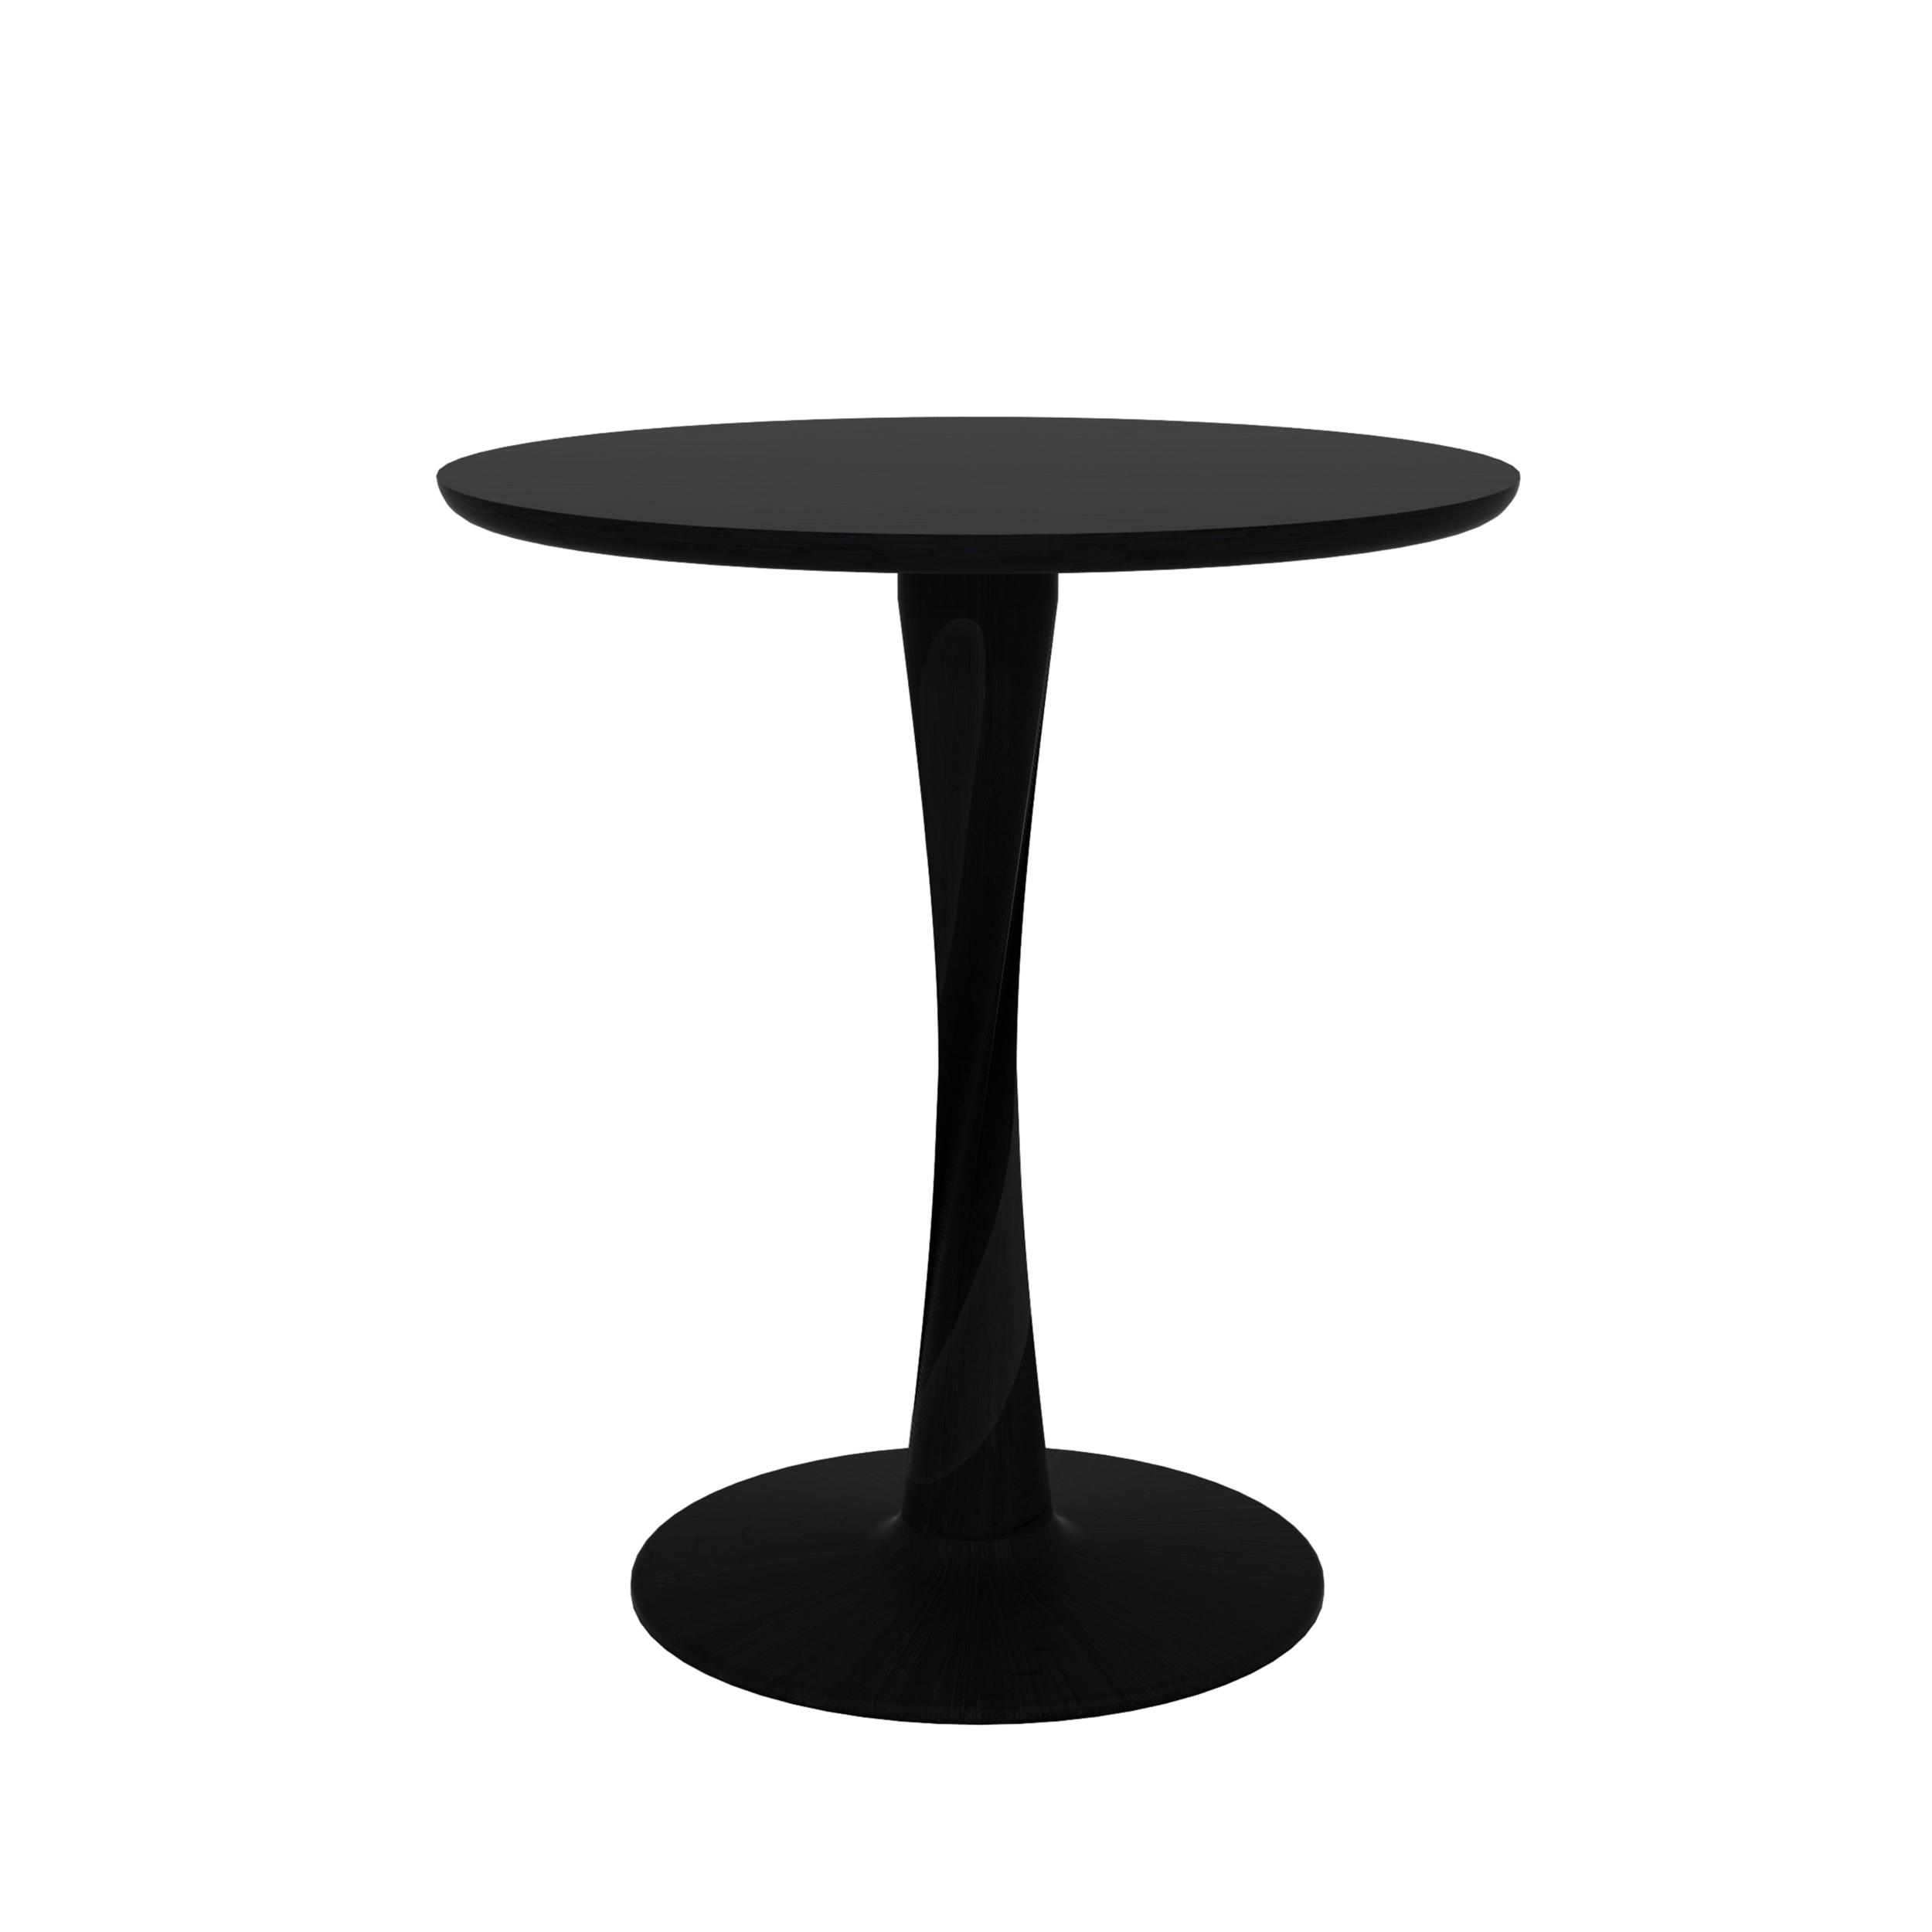 50011 Torsion dining table - Oak black.jpg.png